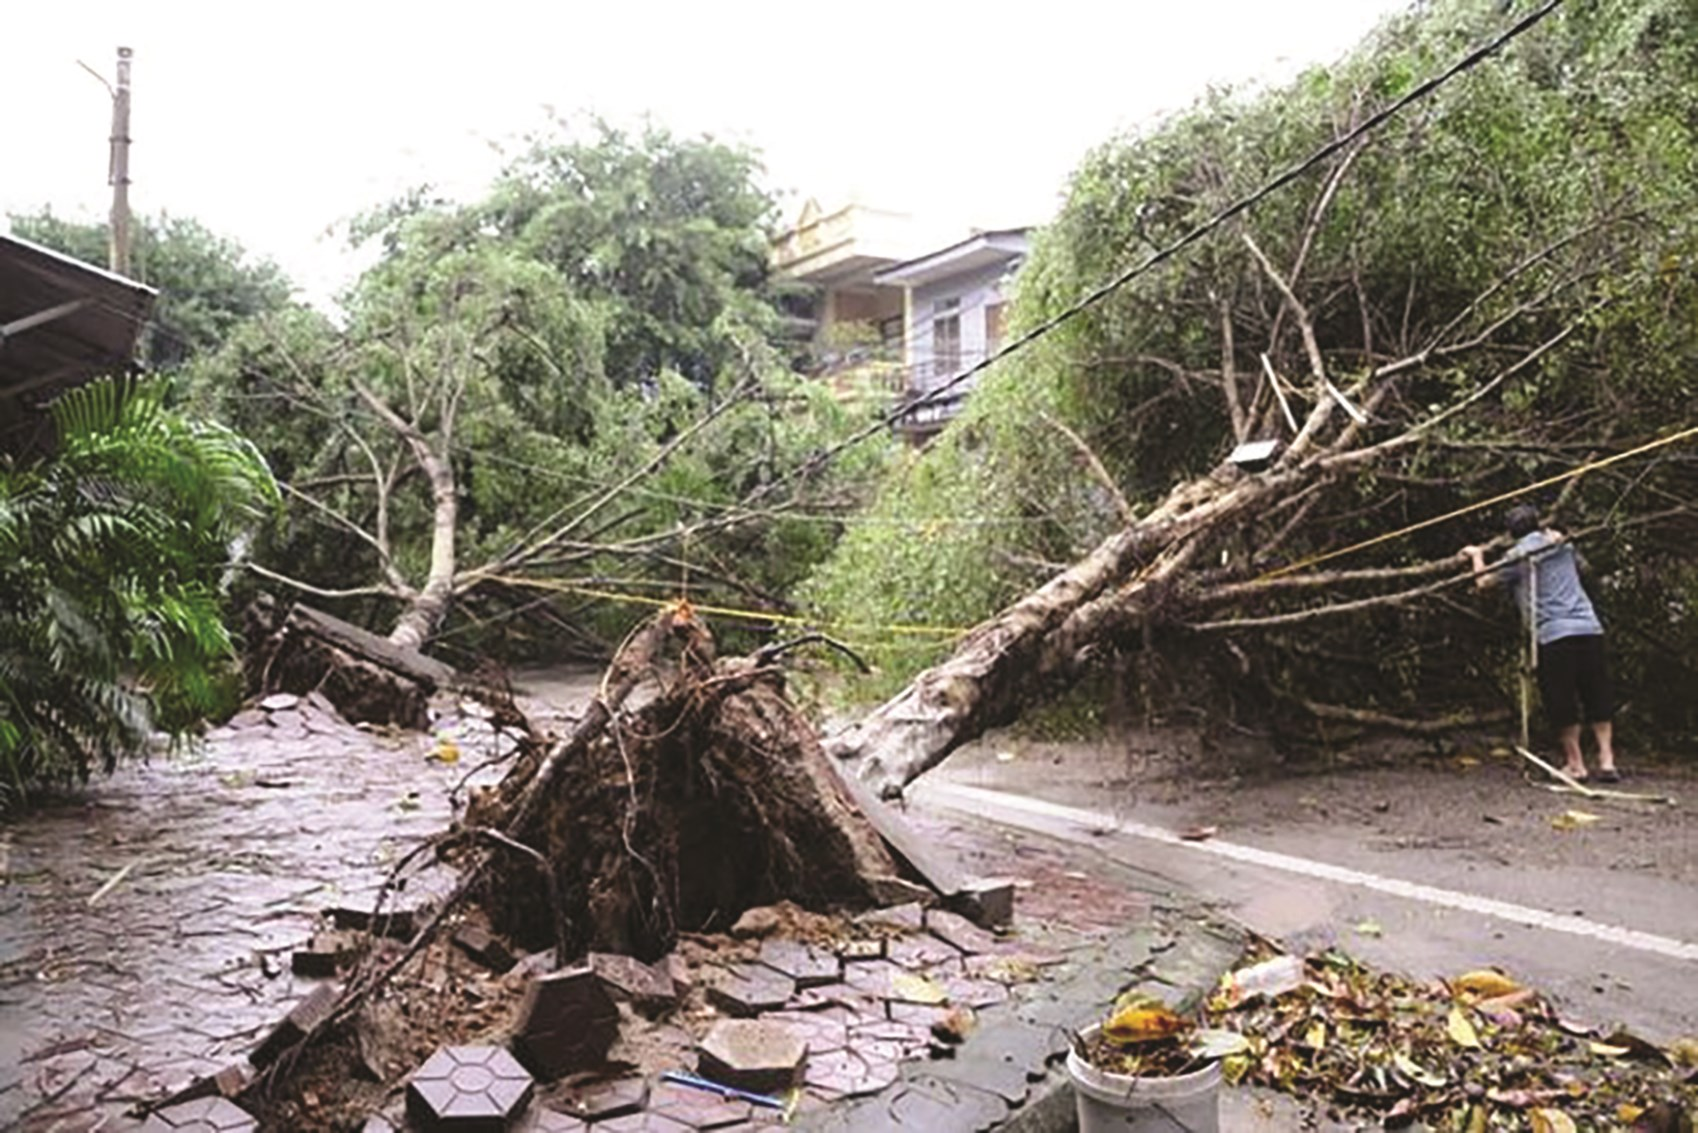 Lốc xoáy làm hàng chục cây si lớn ở gần khu vực Đền Thượng, TP. Lào Cai gãy đổ tối 22/4/2020